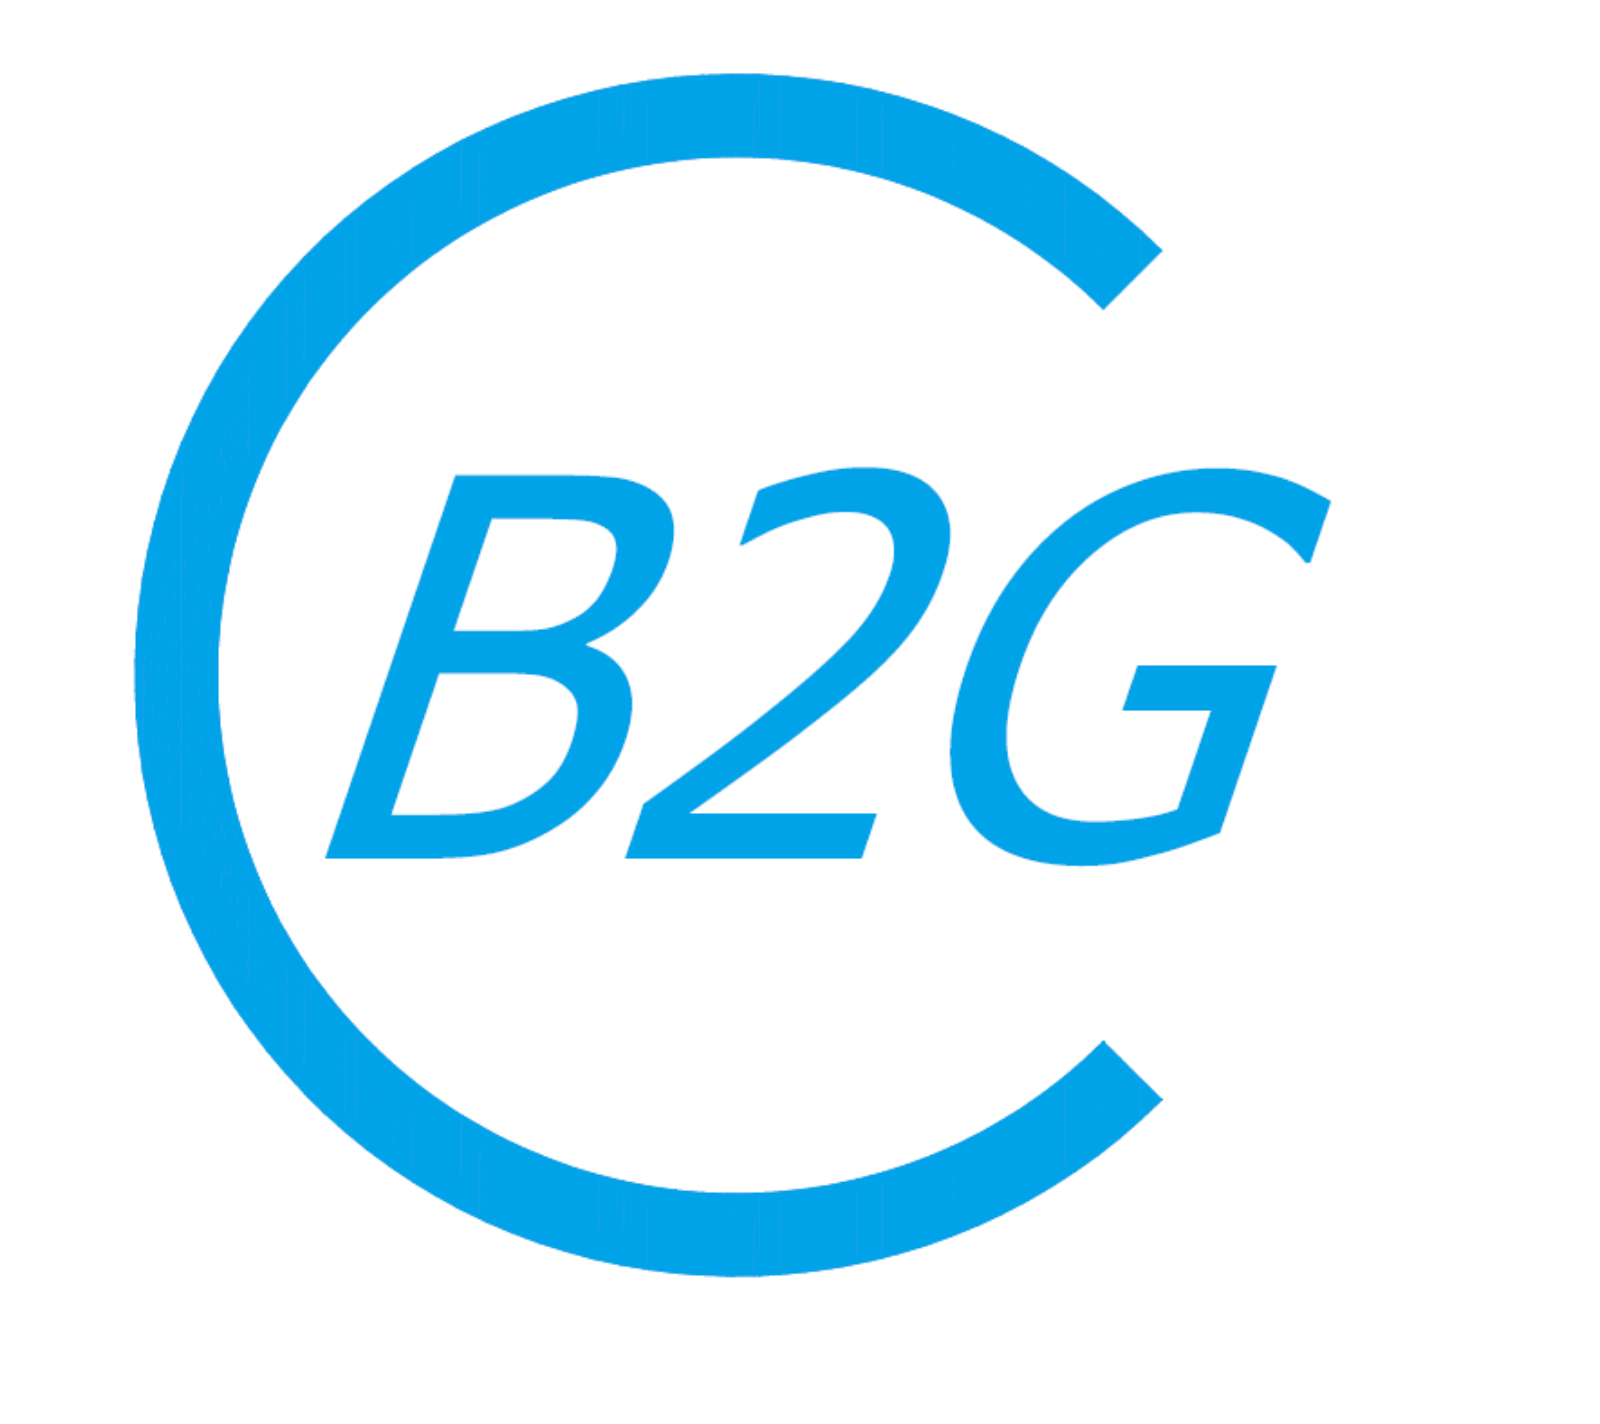 B2G Consulting предоставляет услуги не только по регистрации ИП или ООО, внесению изменений в устав, открытию расчетного счета. Мы помогаем начинающим предпринимателям открыть настоящий бизнес, внедряя CRM, помогая участвовать в государственных и коммерческих закупках. Мы создадим продающий сайт и продвинем его в сети Интернет.